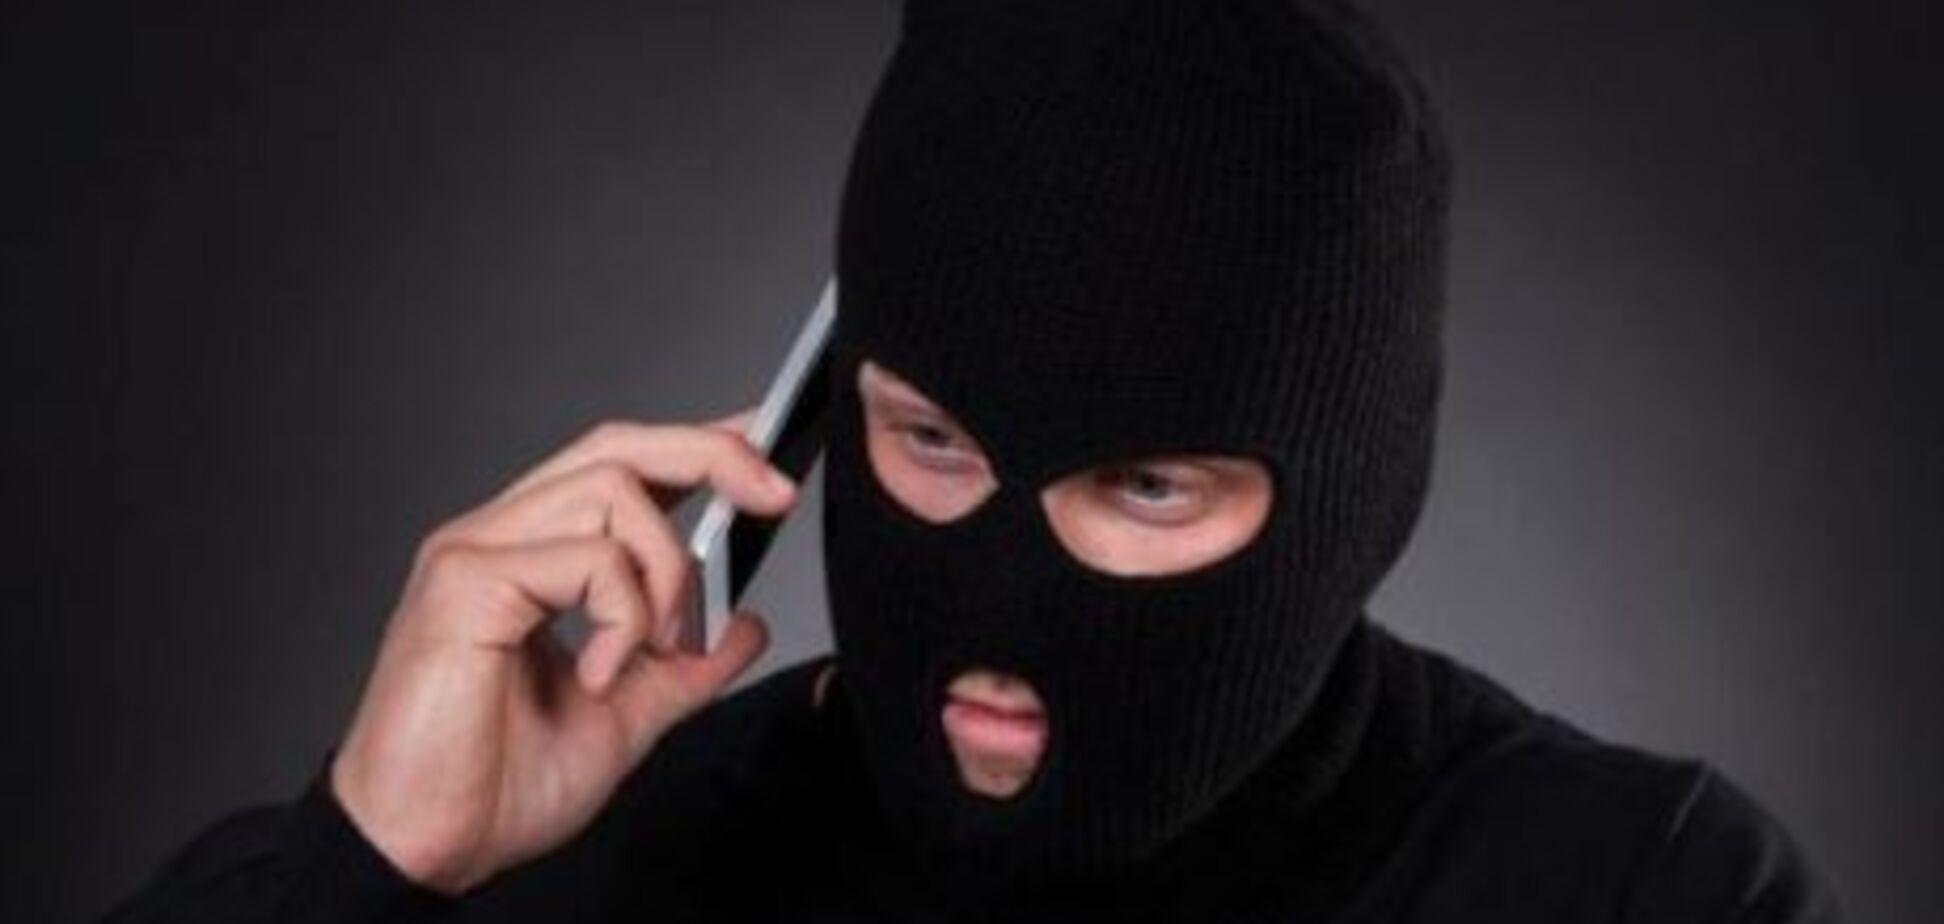 'Назовите номер карты!' В Киеве активизировались банковские мошенники